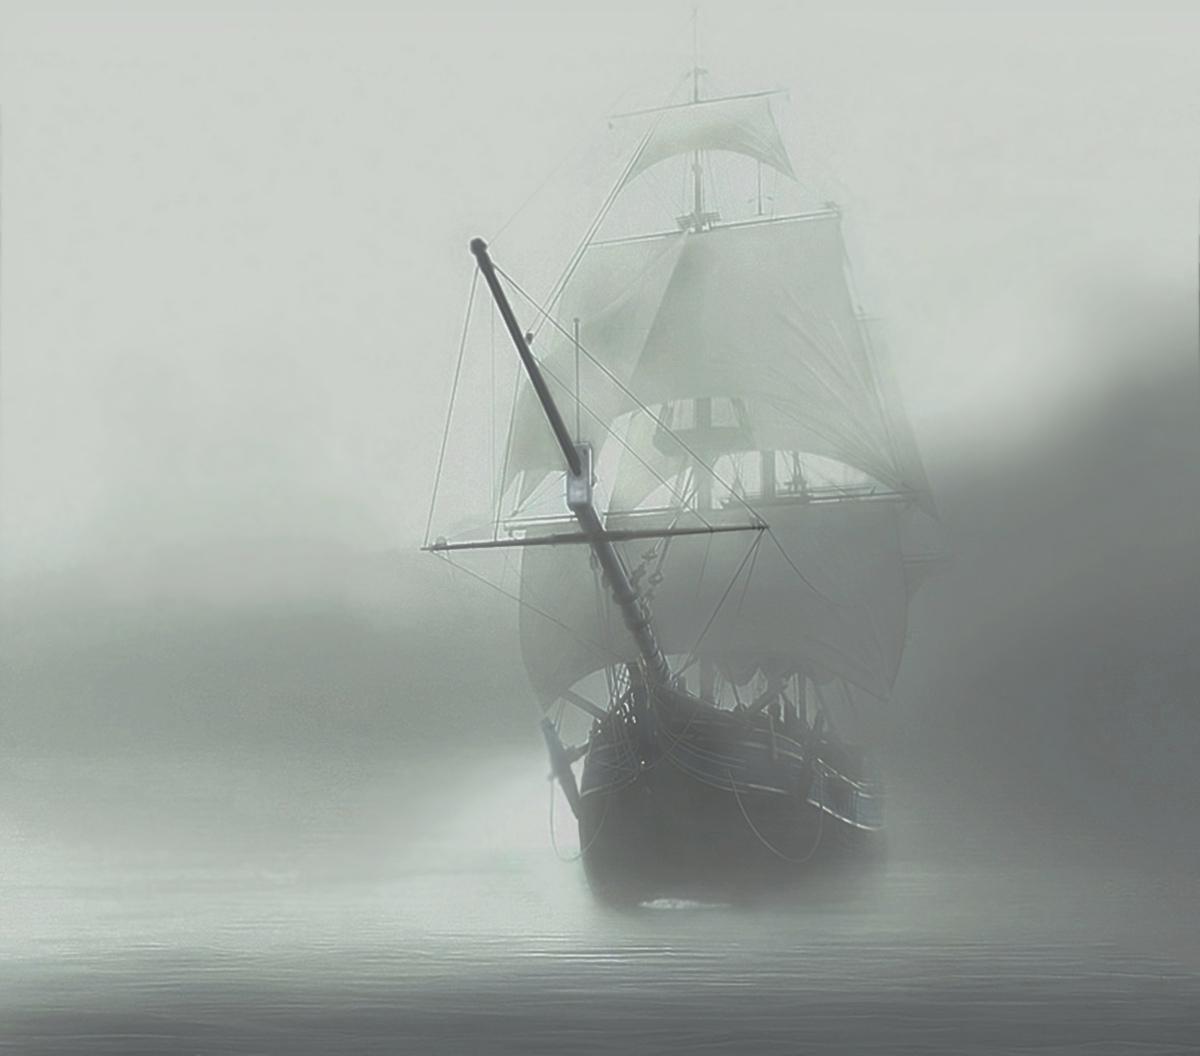 объявление белый корабль в шторм картинки как большинство фигуристов